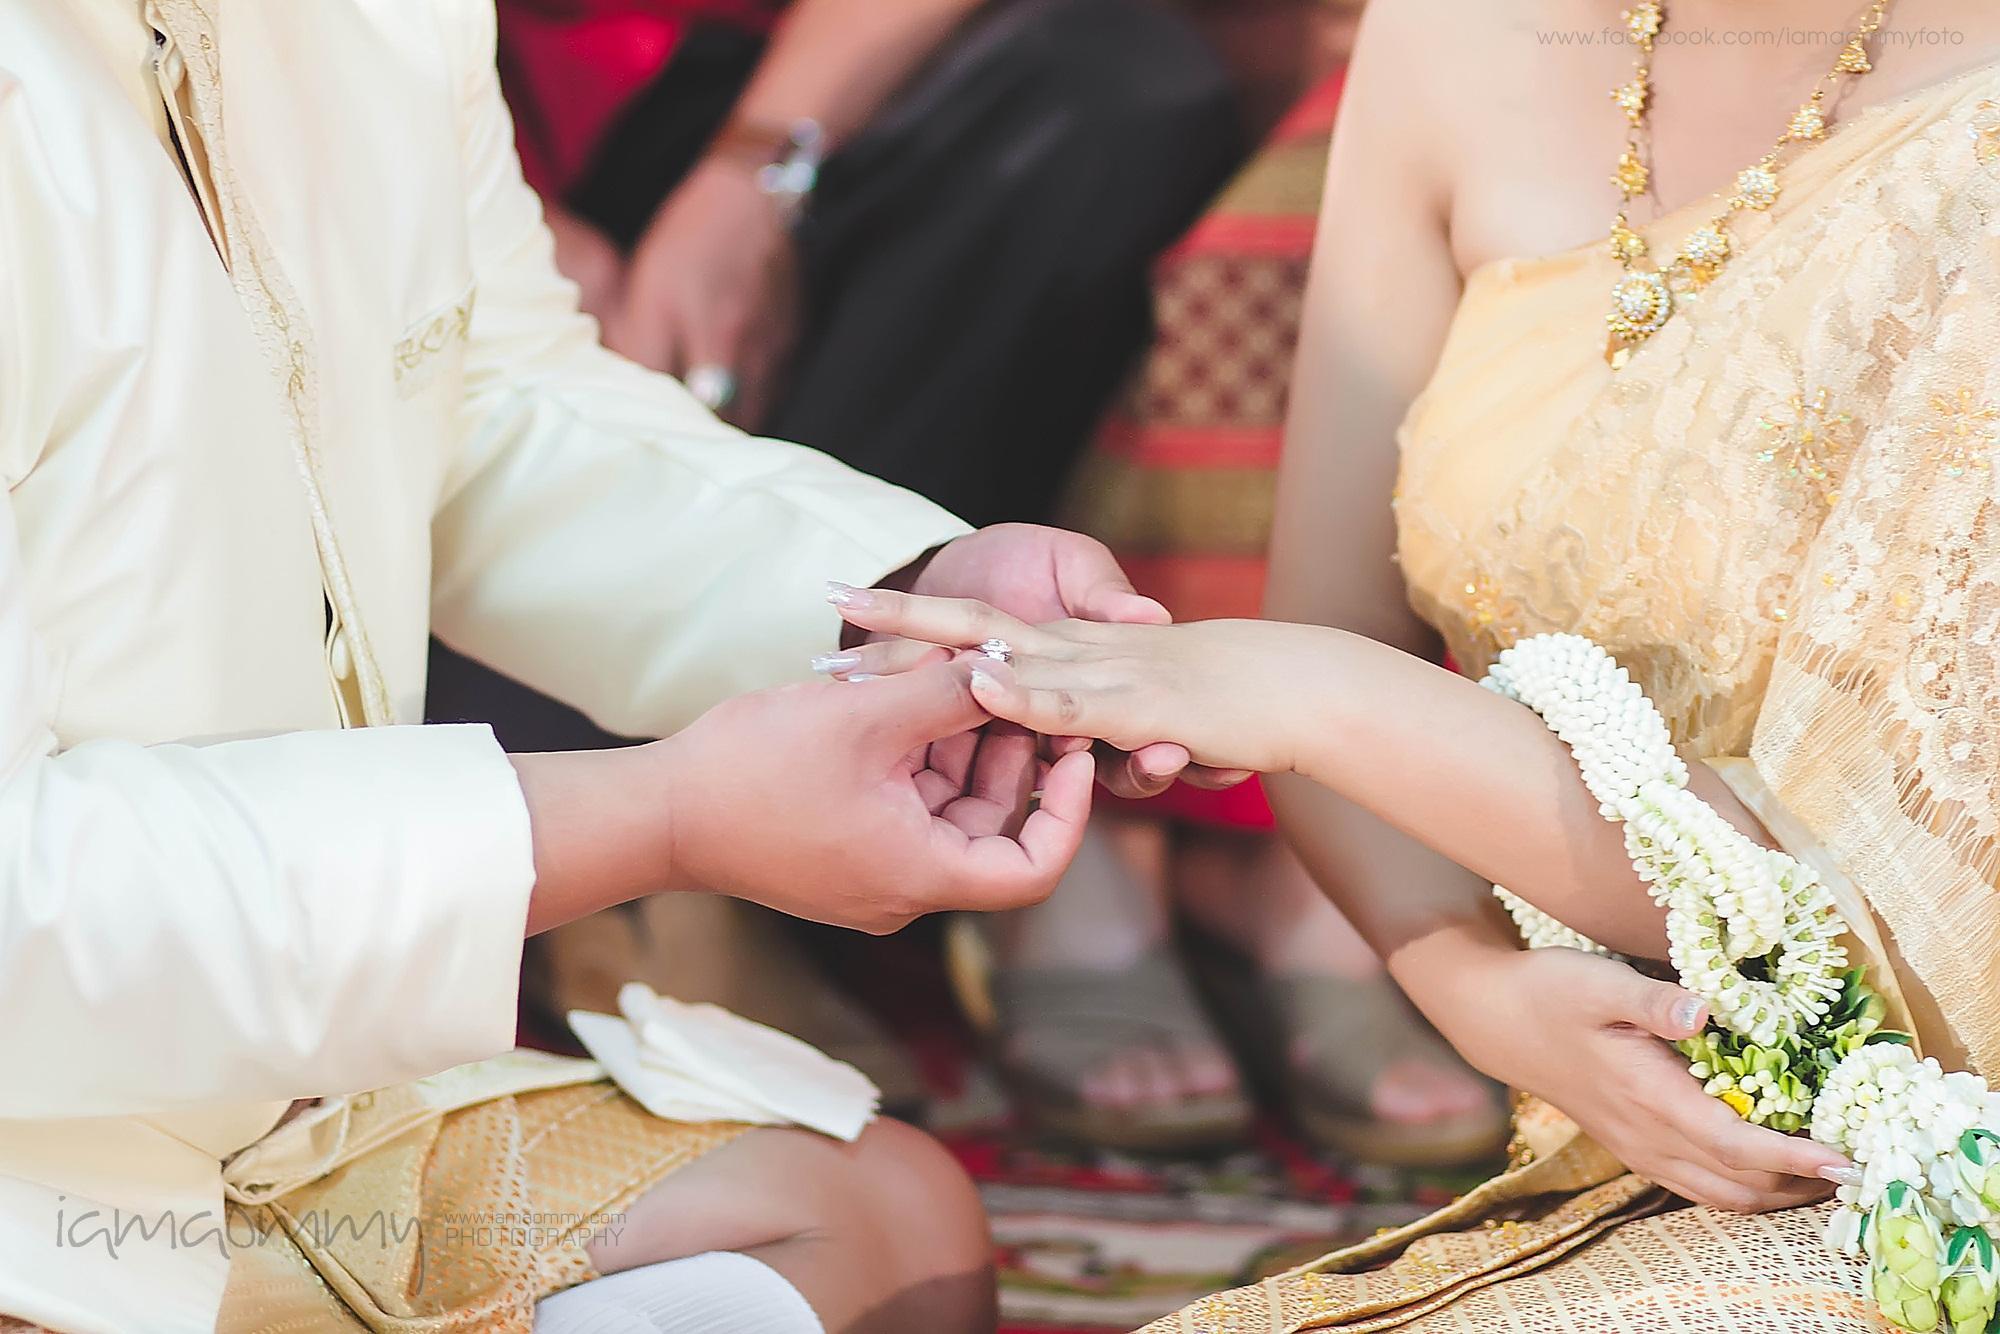 ถ่ายภาพแต่งงงาน_สมาคมชาวปักษ์ใต้_Elle&Nut_0603